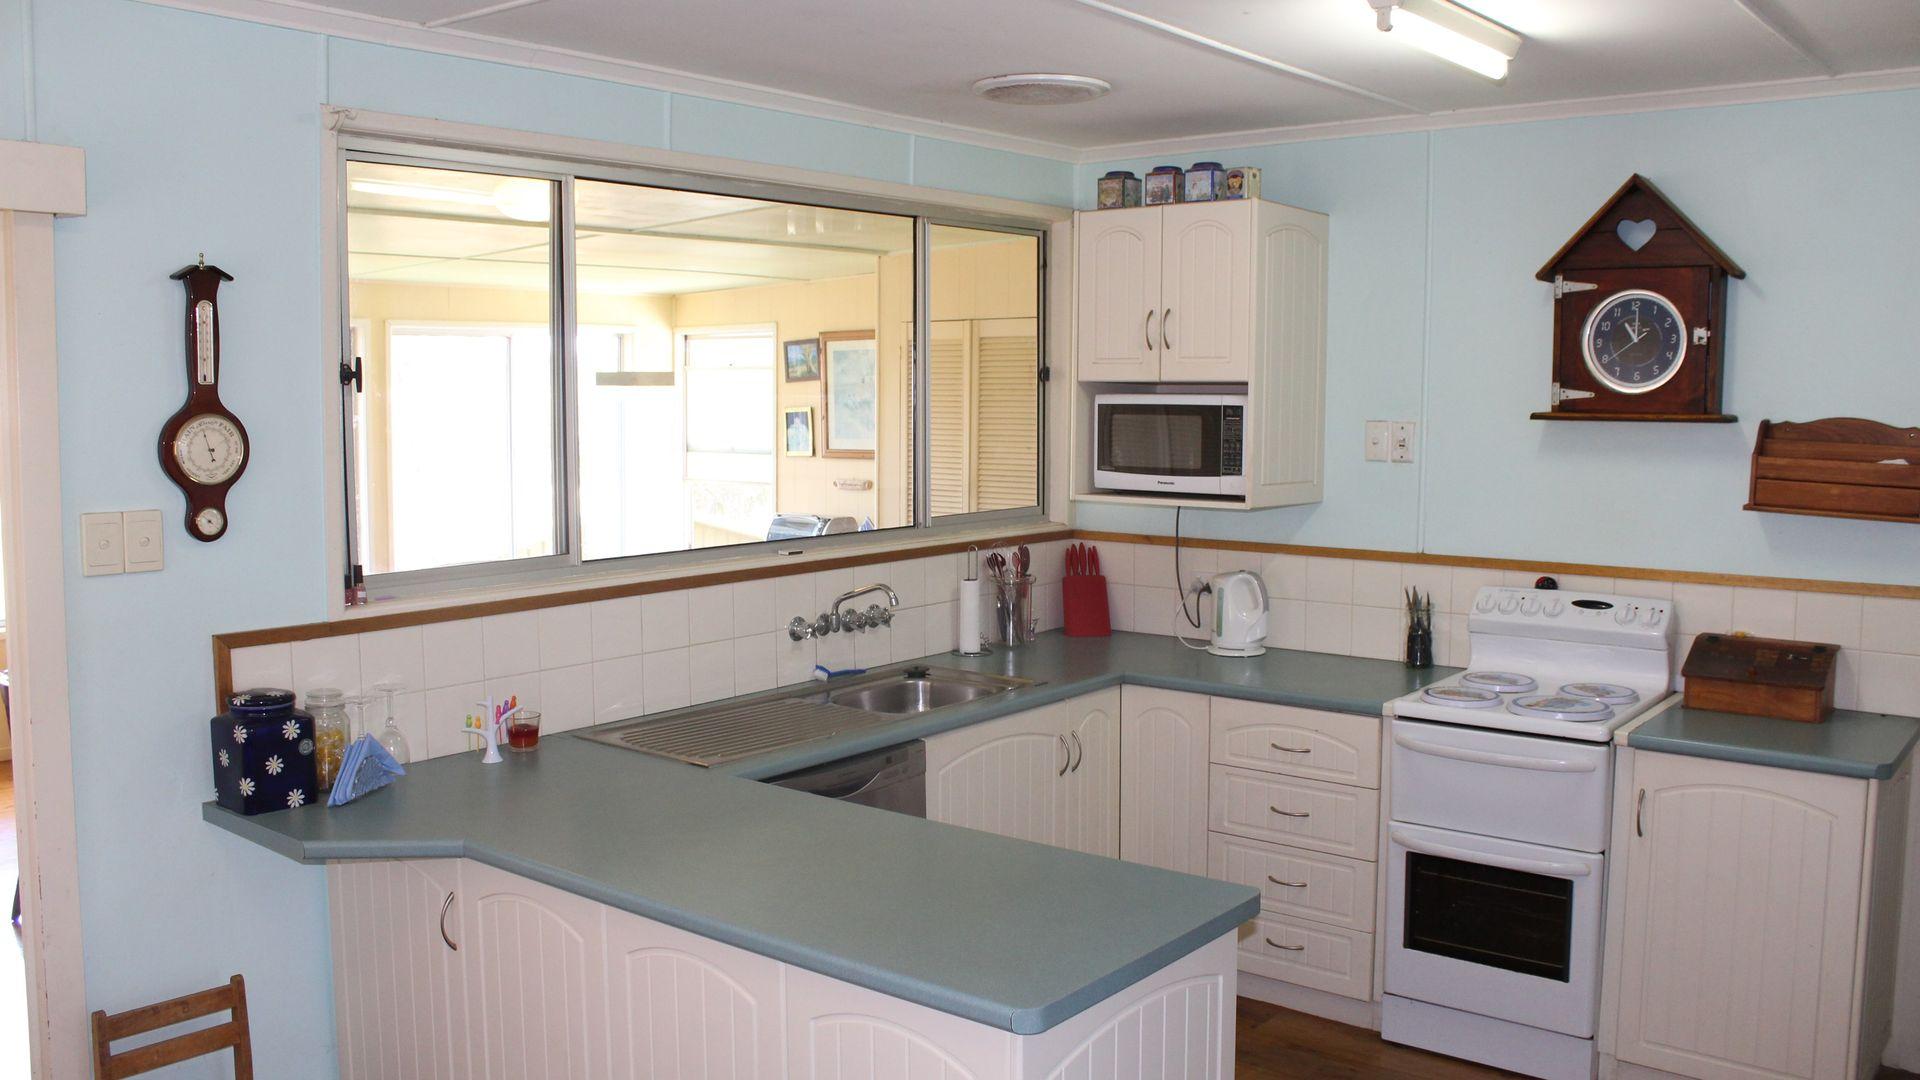 73 Bowen, Goondiwindi QLD 4390, Image 2